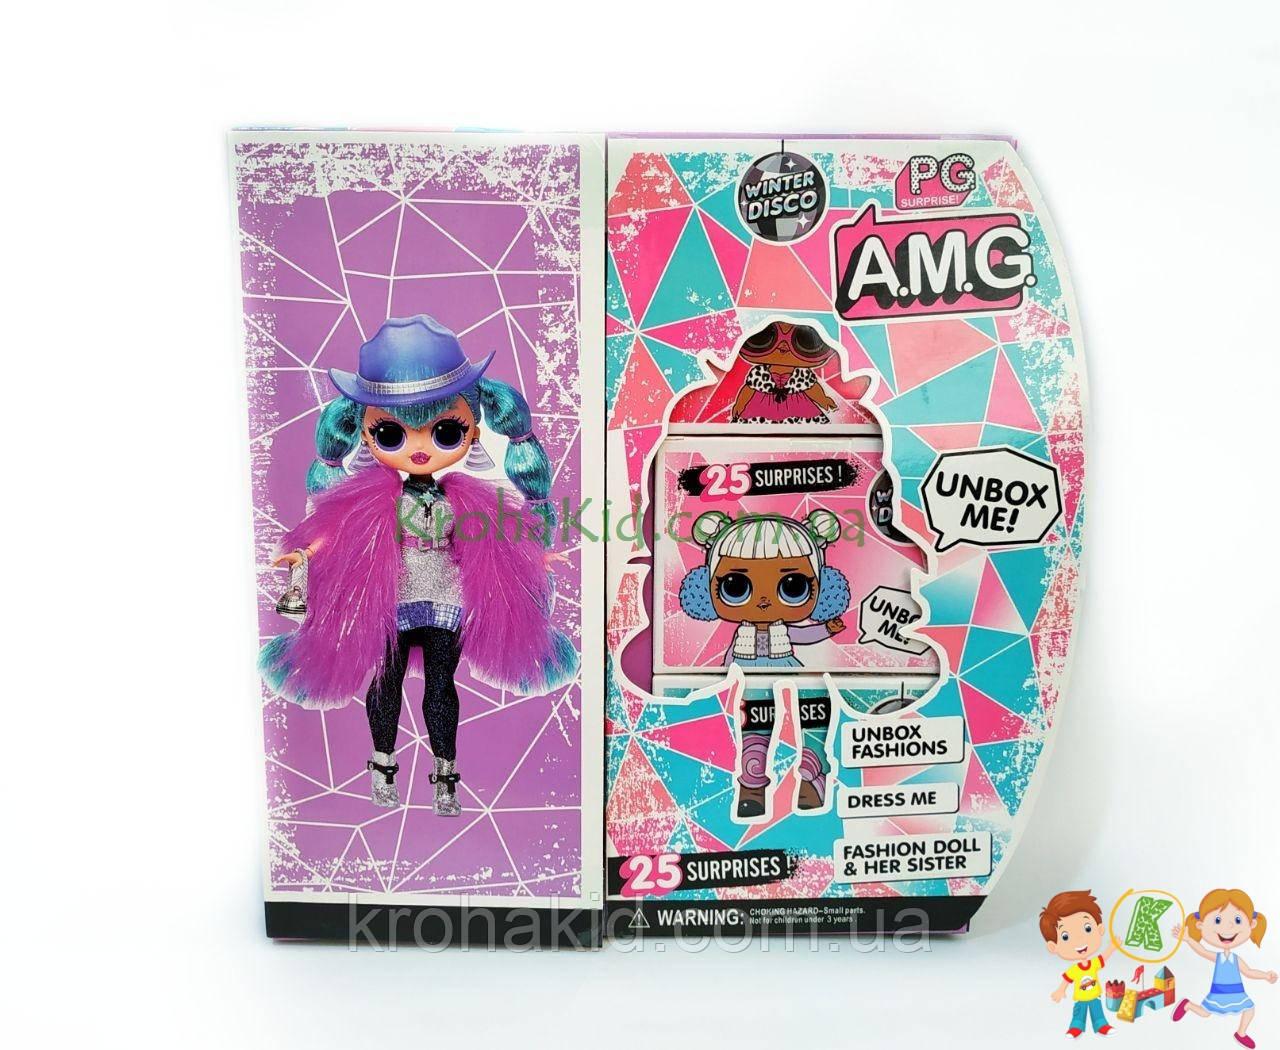 Кукла LOL OMG с волосами большая и сестричка Winter disco / Кукла лол 25 сюрпризов  - PG 8104